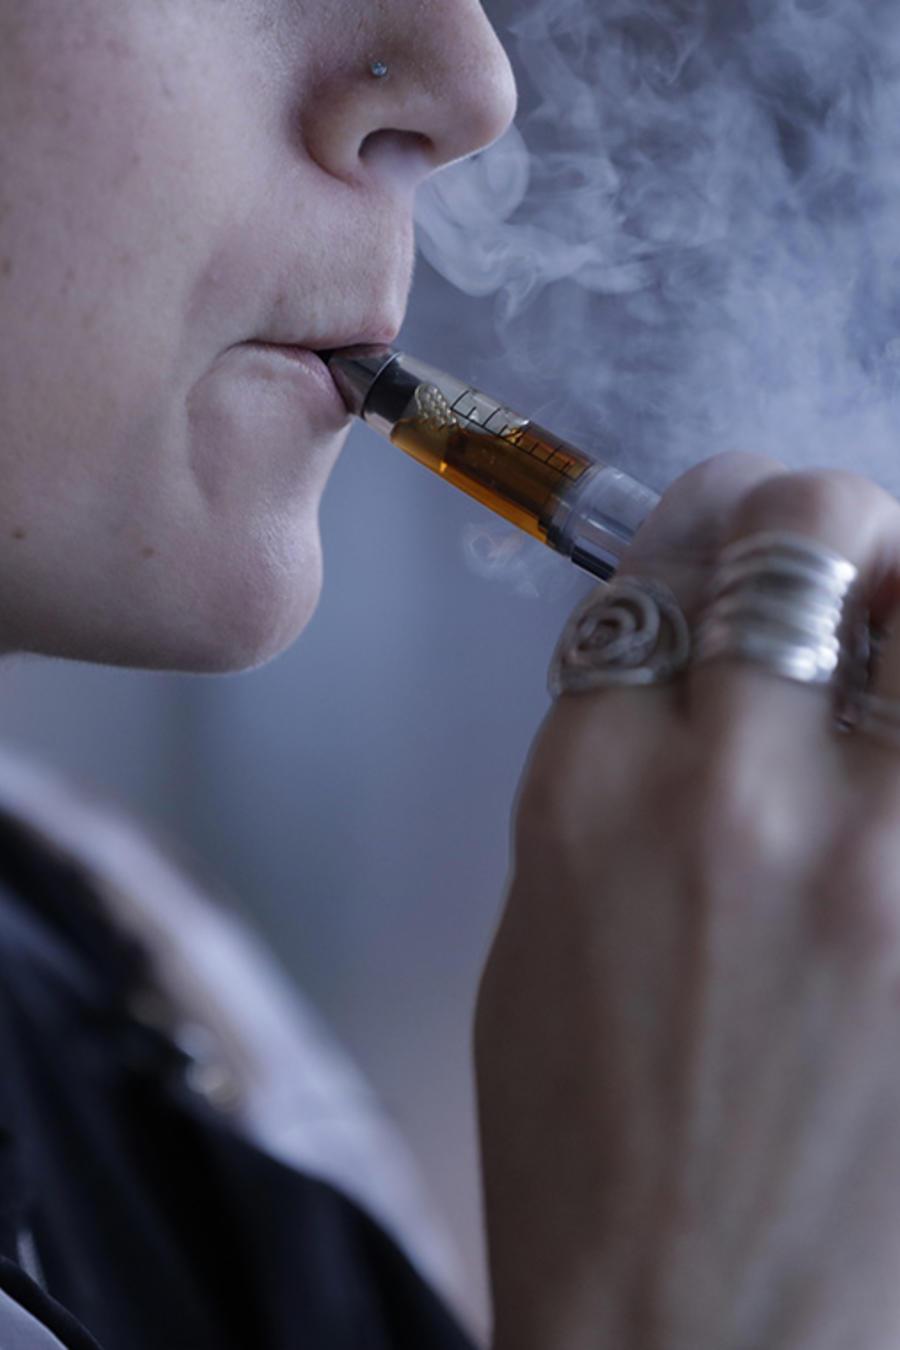 Una joven utiliza un cigarrillo electrónico.